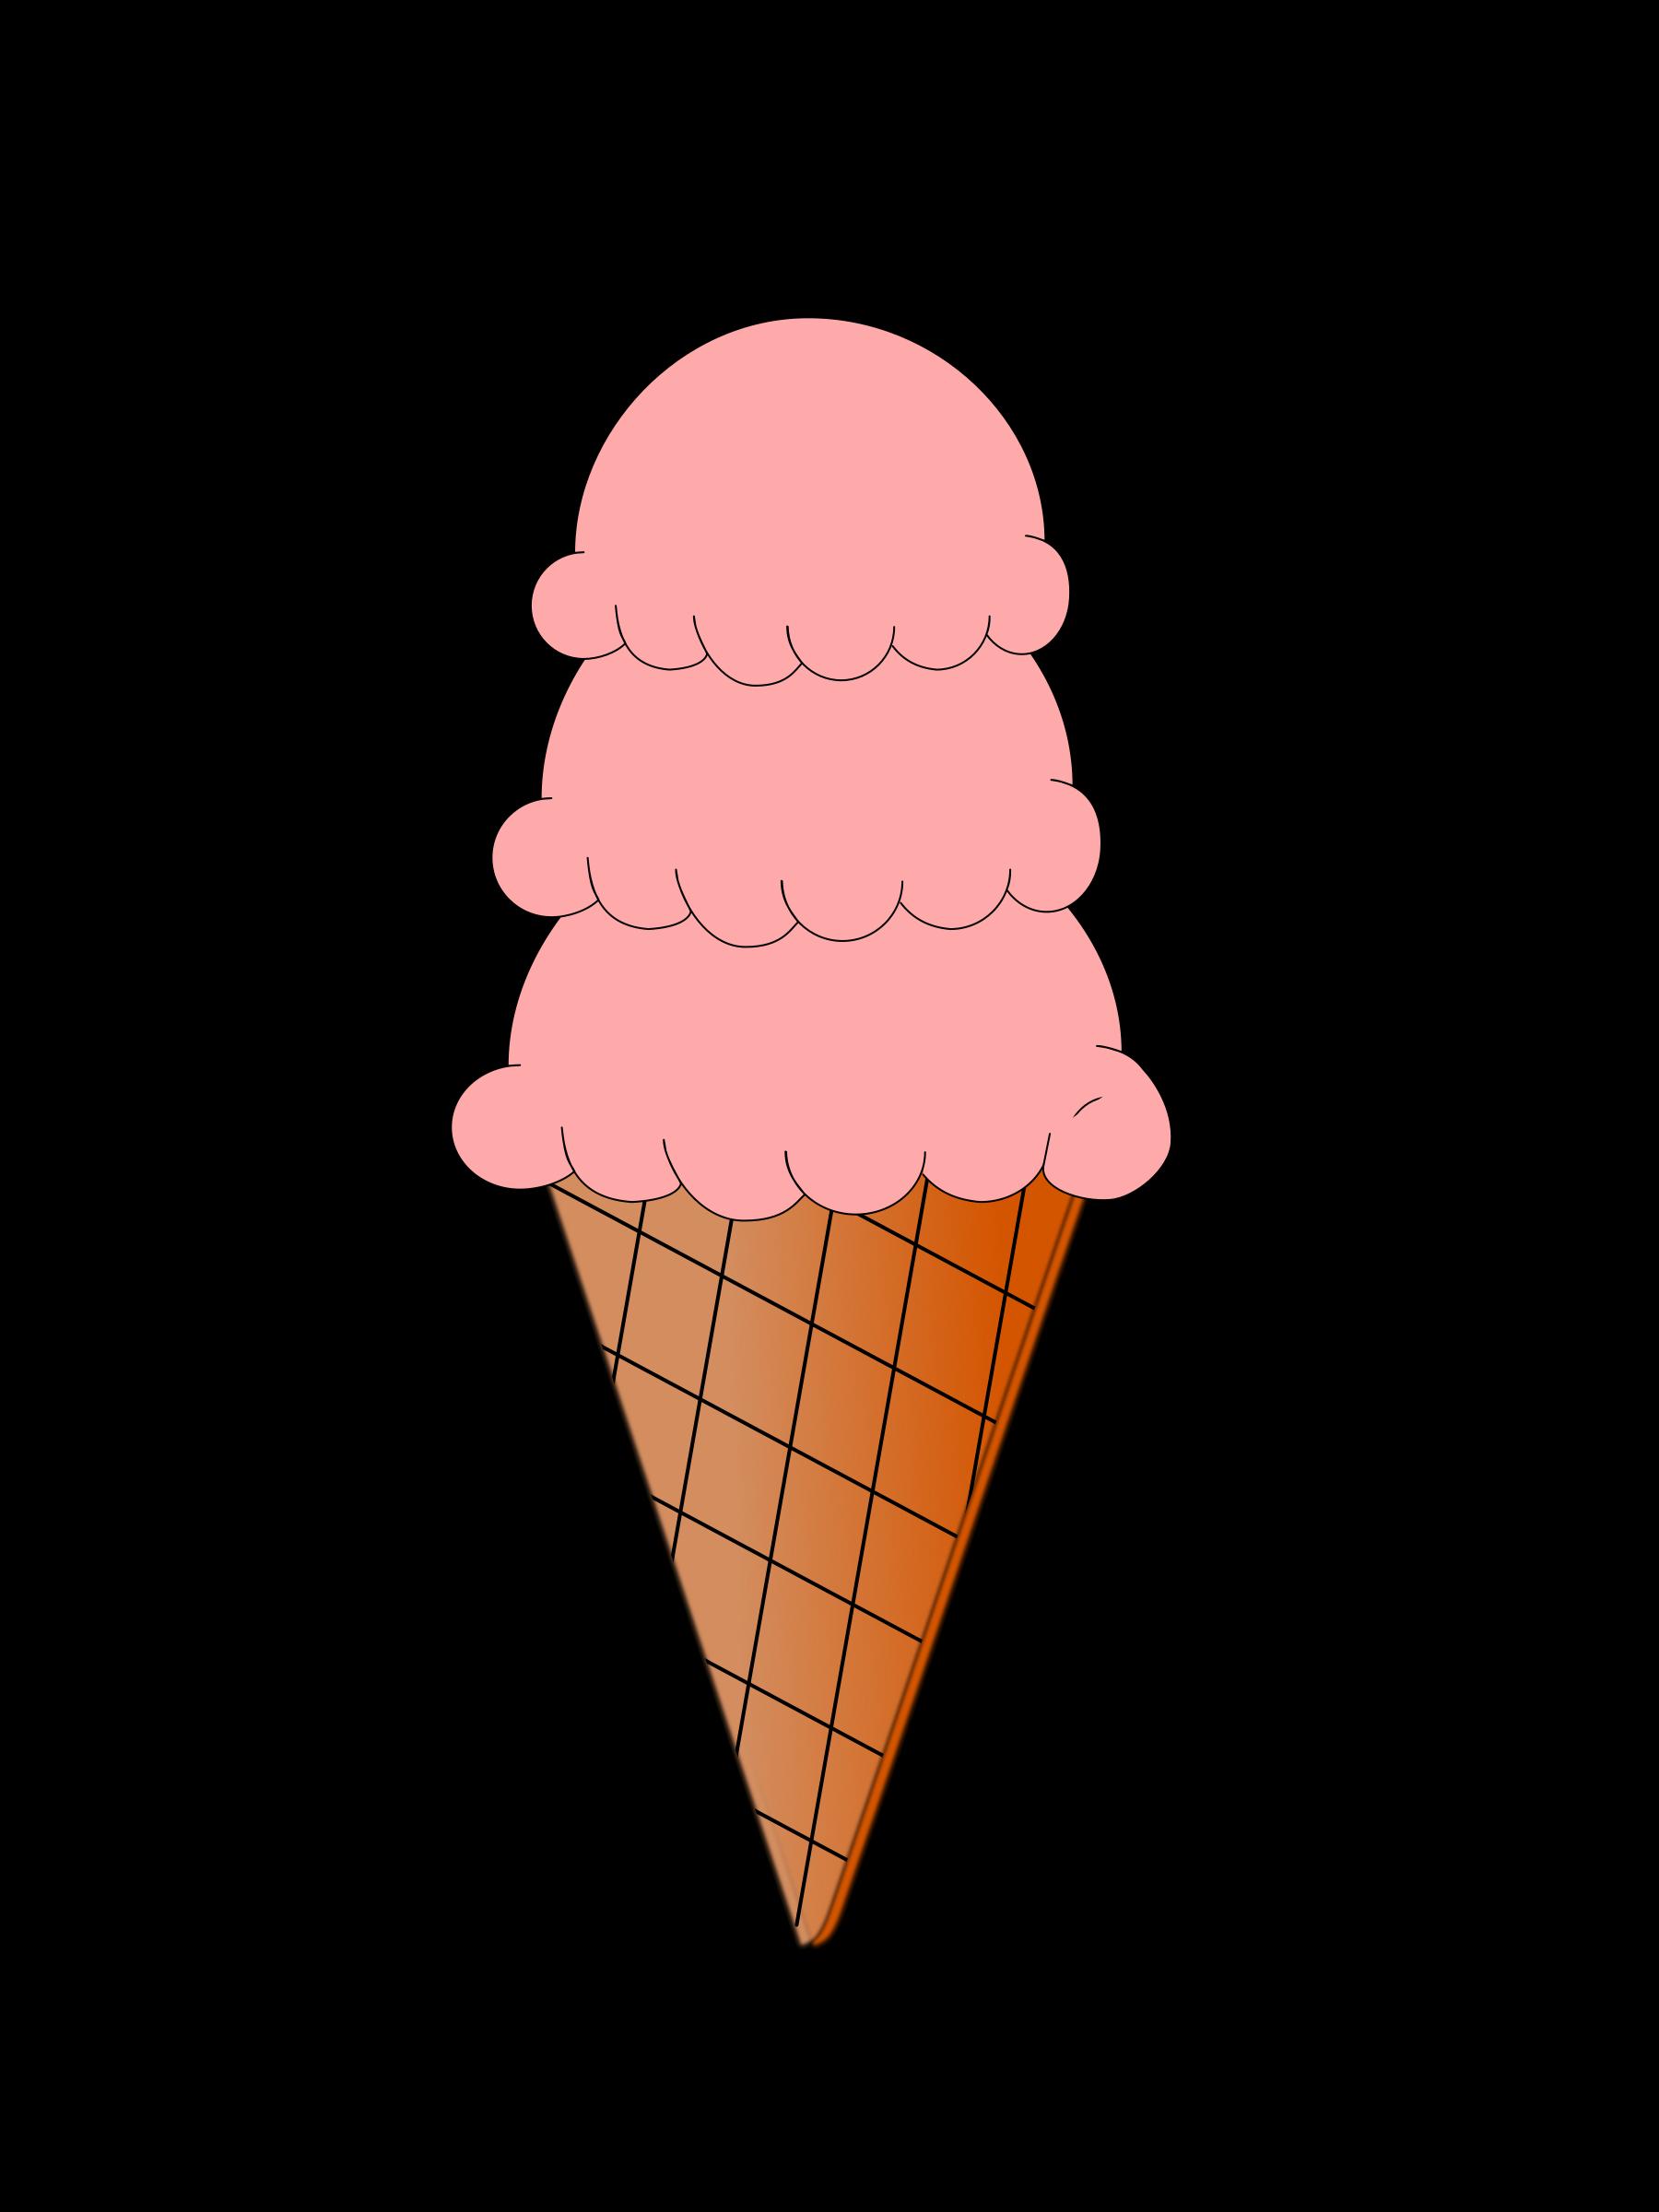 Cone clipart sugar cone, Cone sugar cone Transparent FREE.